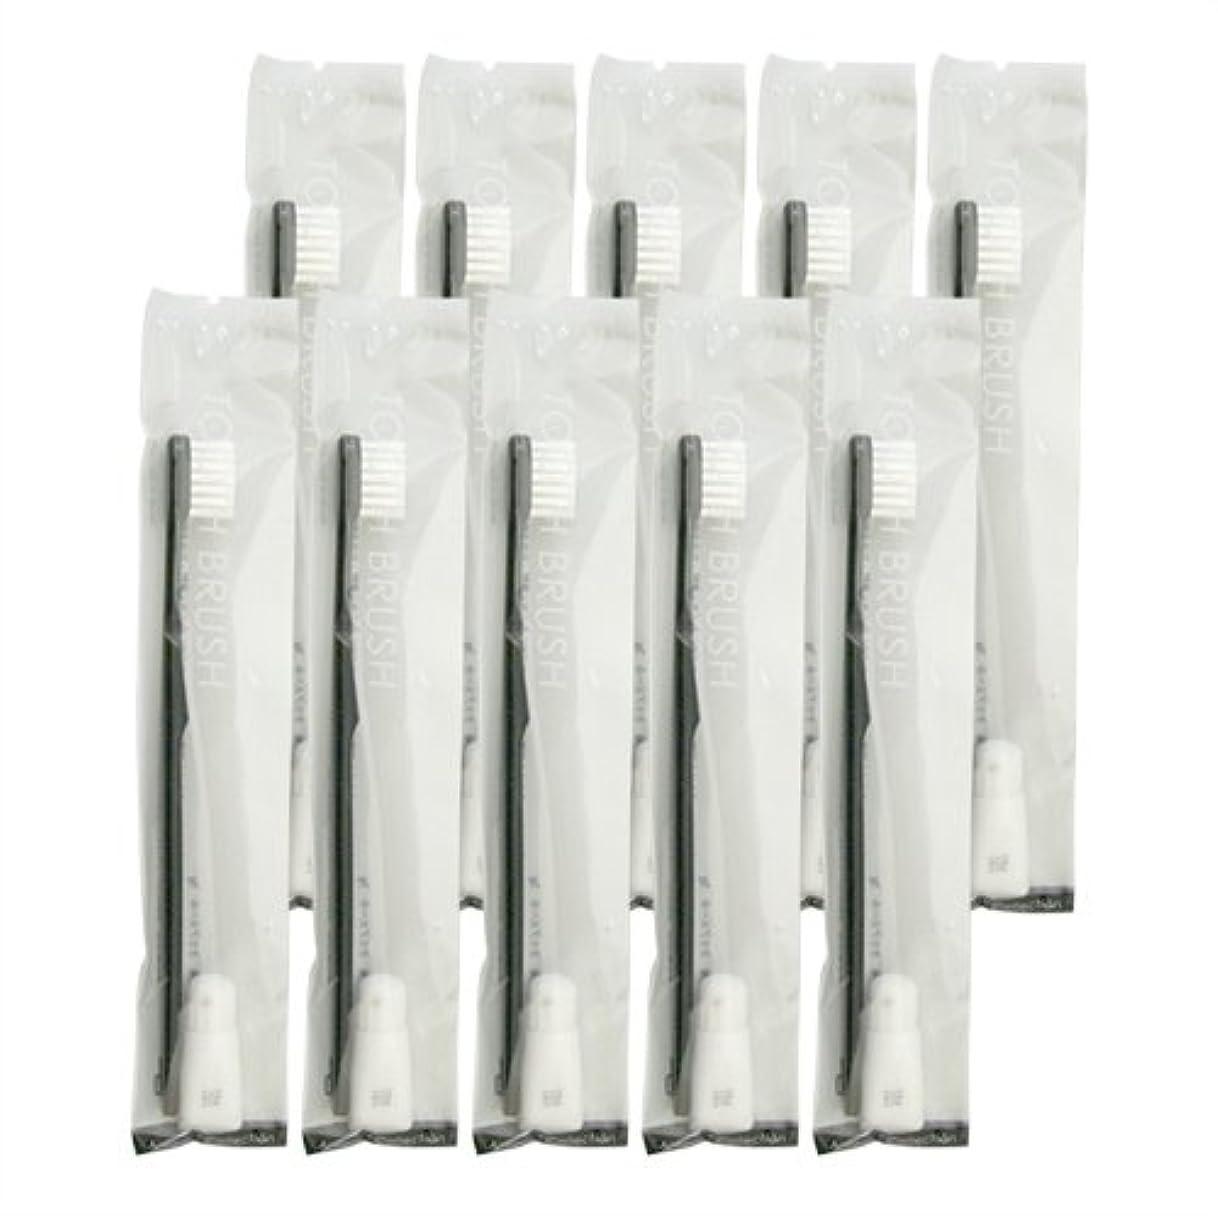 形状司教時々時々業務用 使い捨て歯ブラシ チューブ歯磨き粉(3g)付き ブラック 10本セット│ホテルアメニティ 個包装タイプ